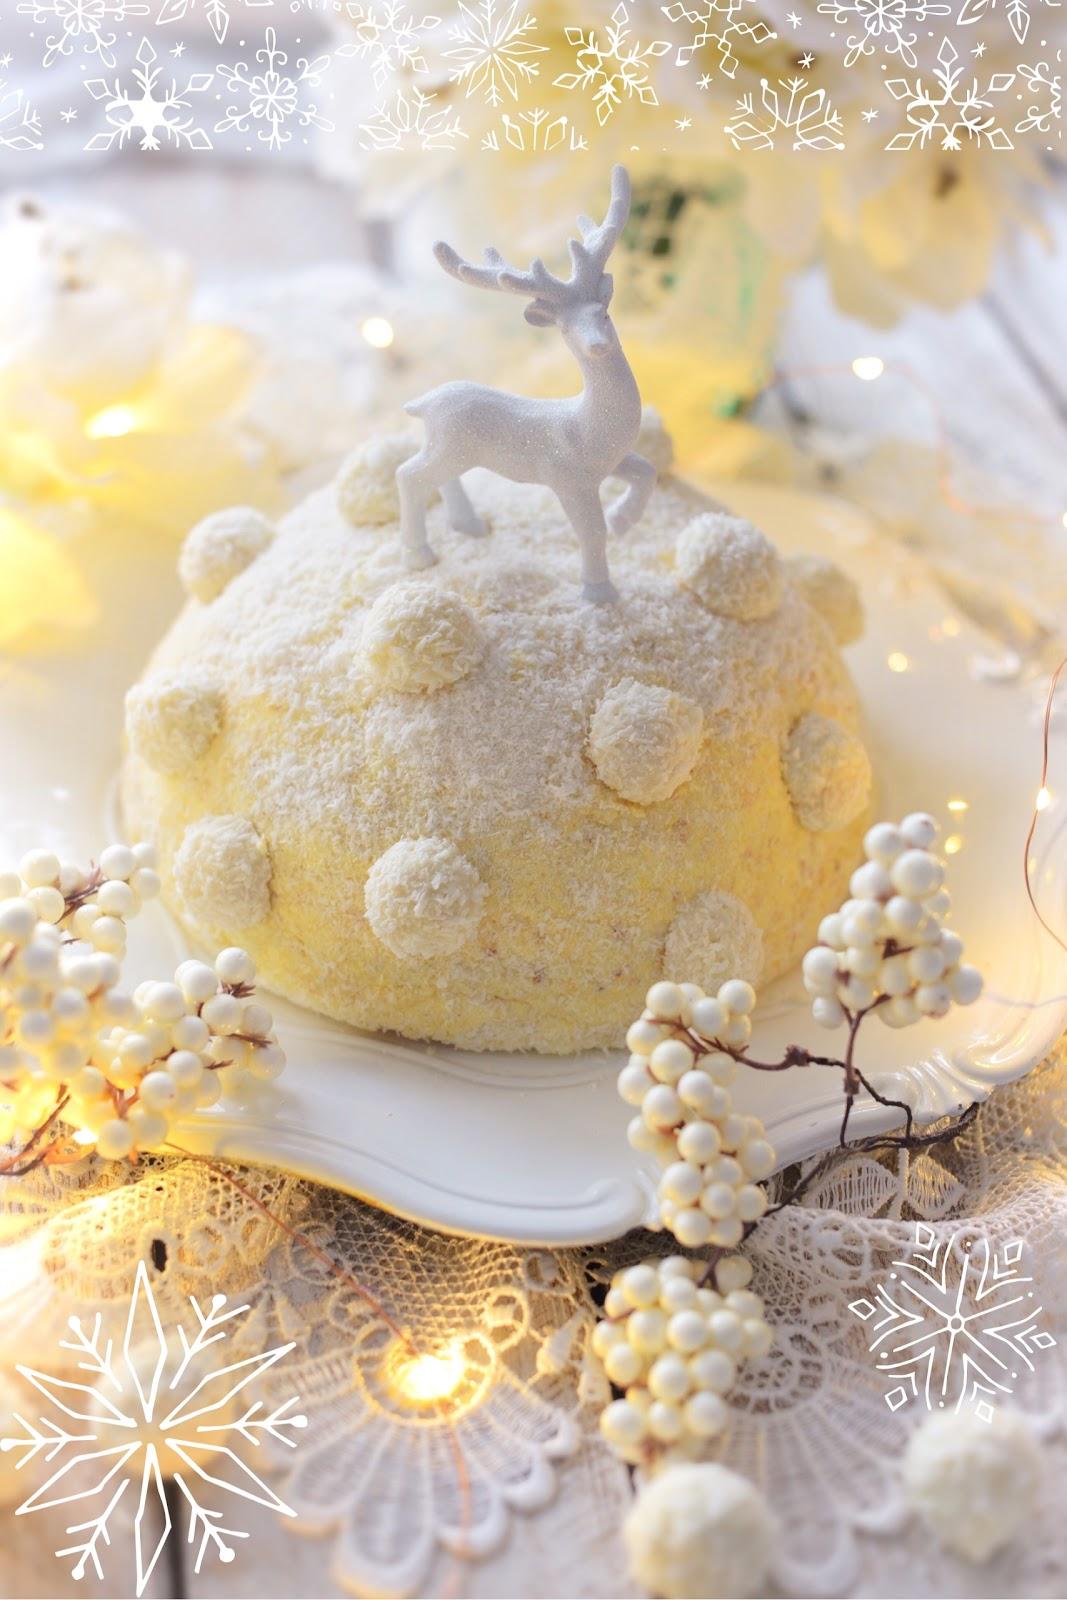 Kessy S Pink Sugar Raffaello Torte Zum Ersten Advent